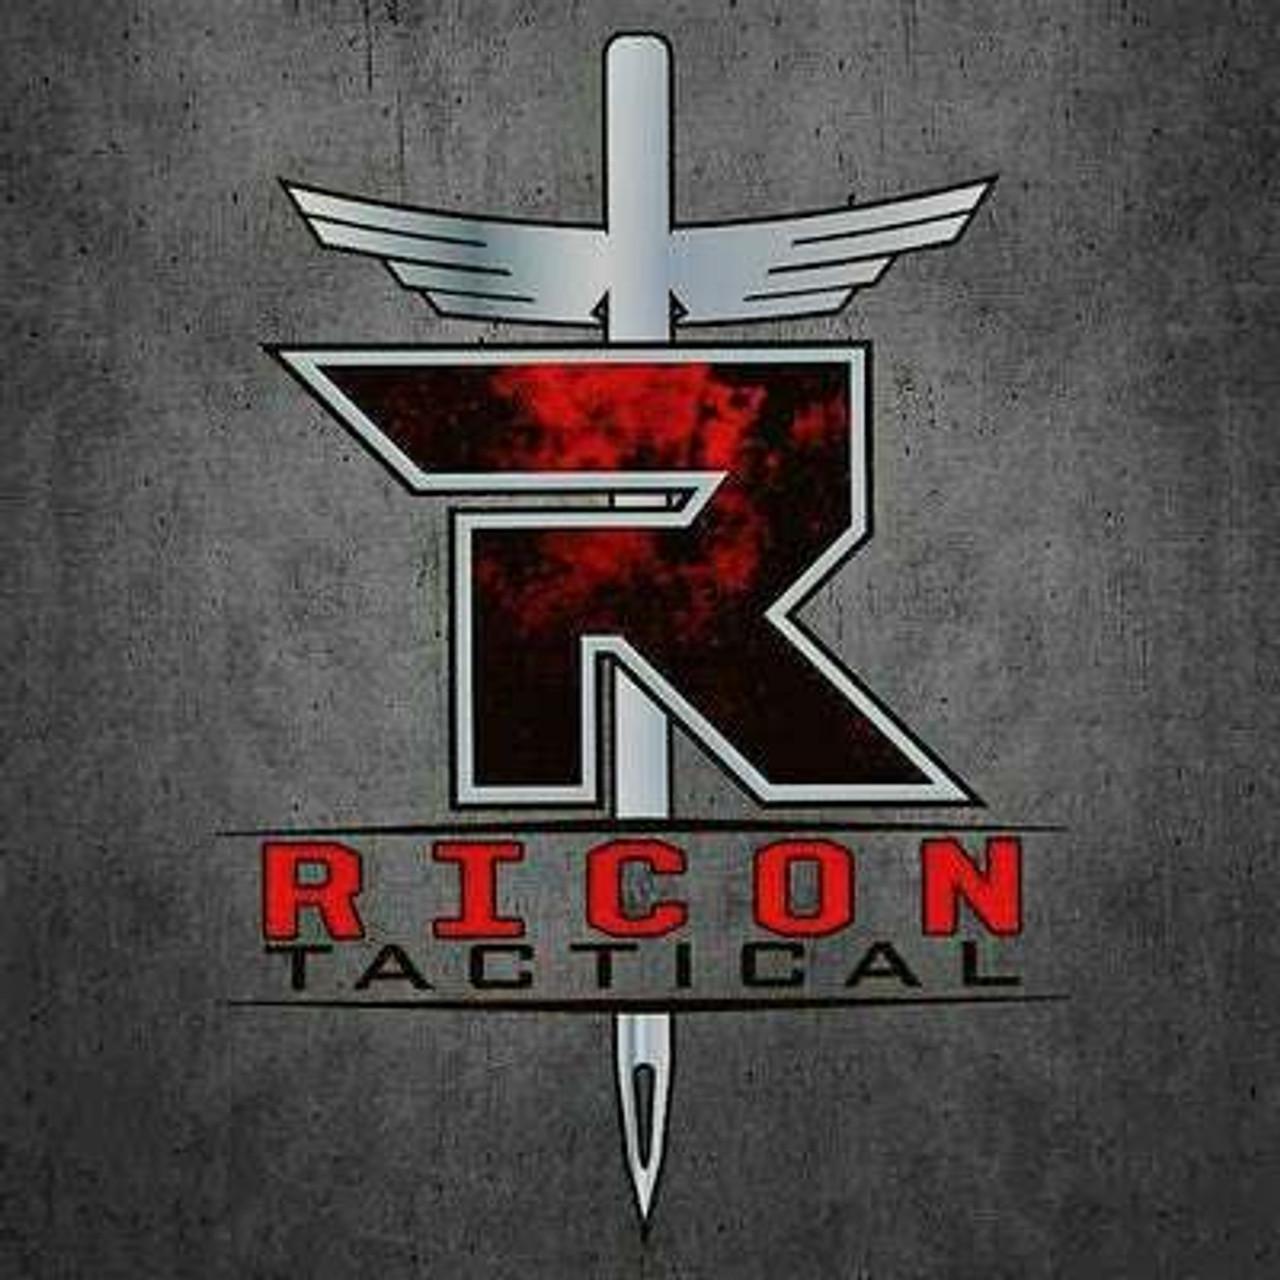 Ricon Tactical